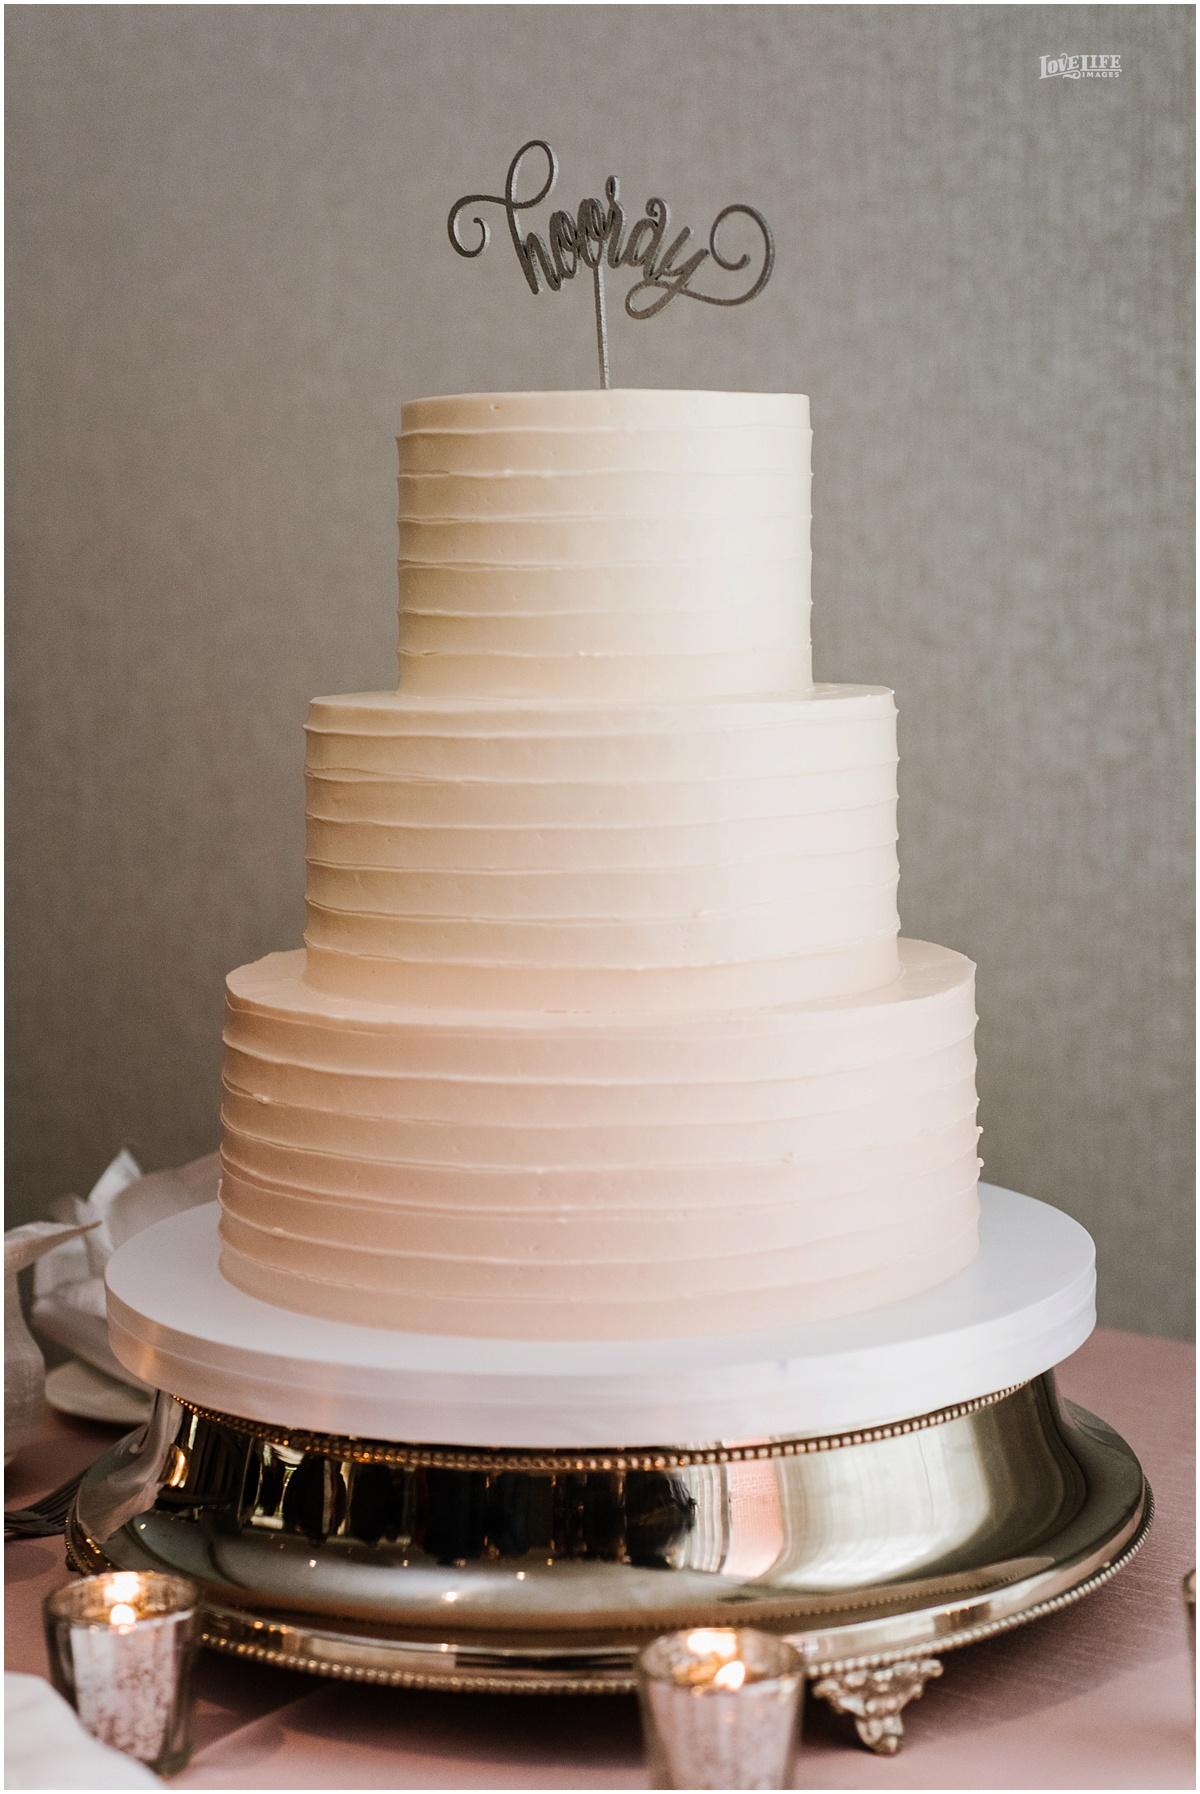 Lorien Hotel Brunch wedding cake with hooray topper.JPG